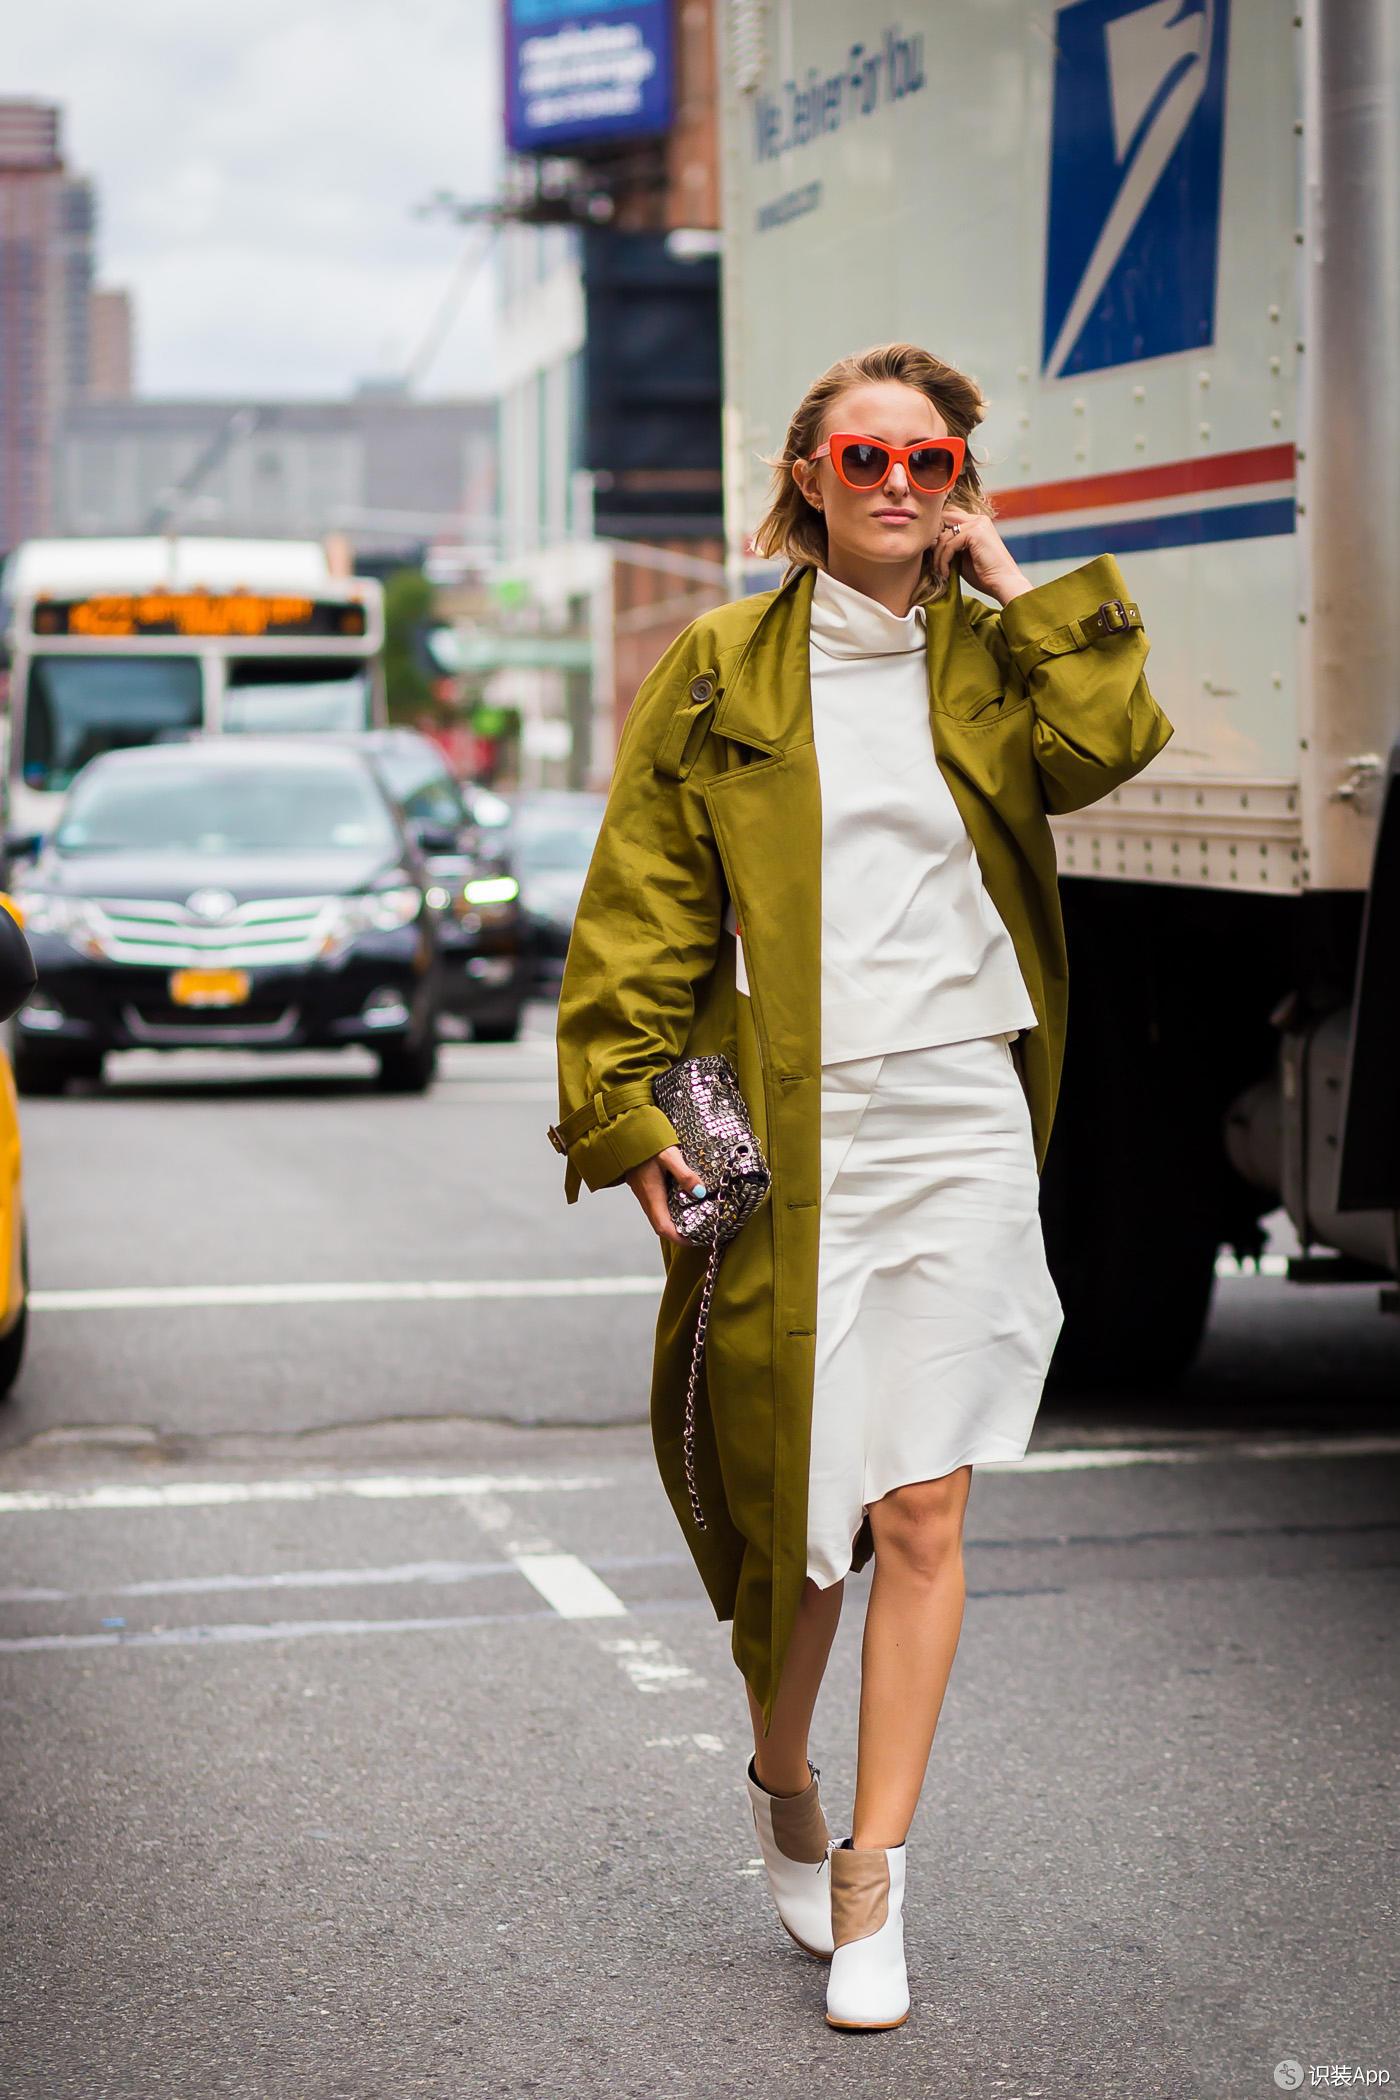 30套专属春天的风衣穿搭 一整月天天换都不重样